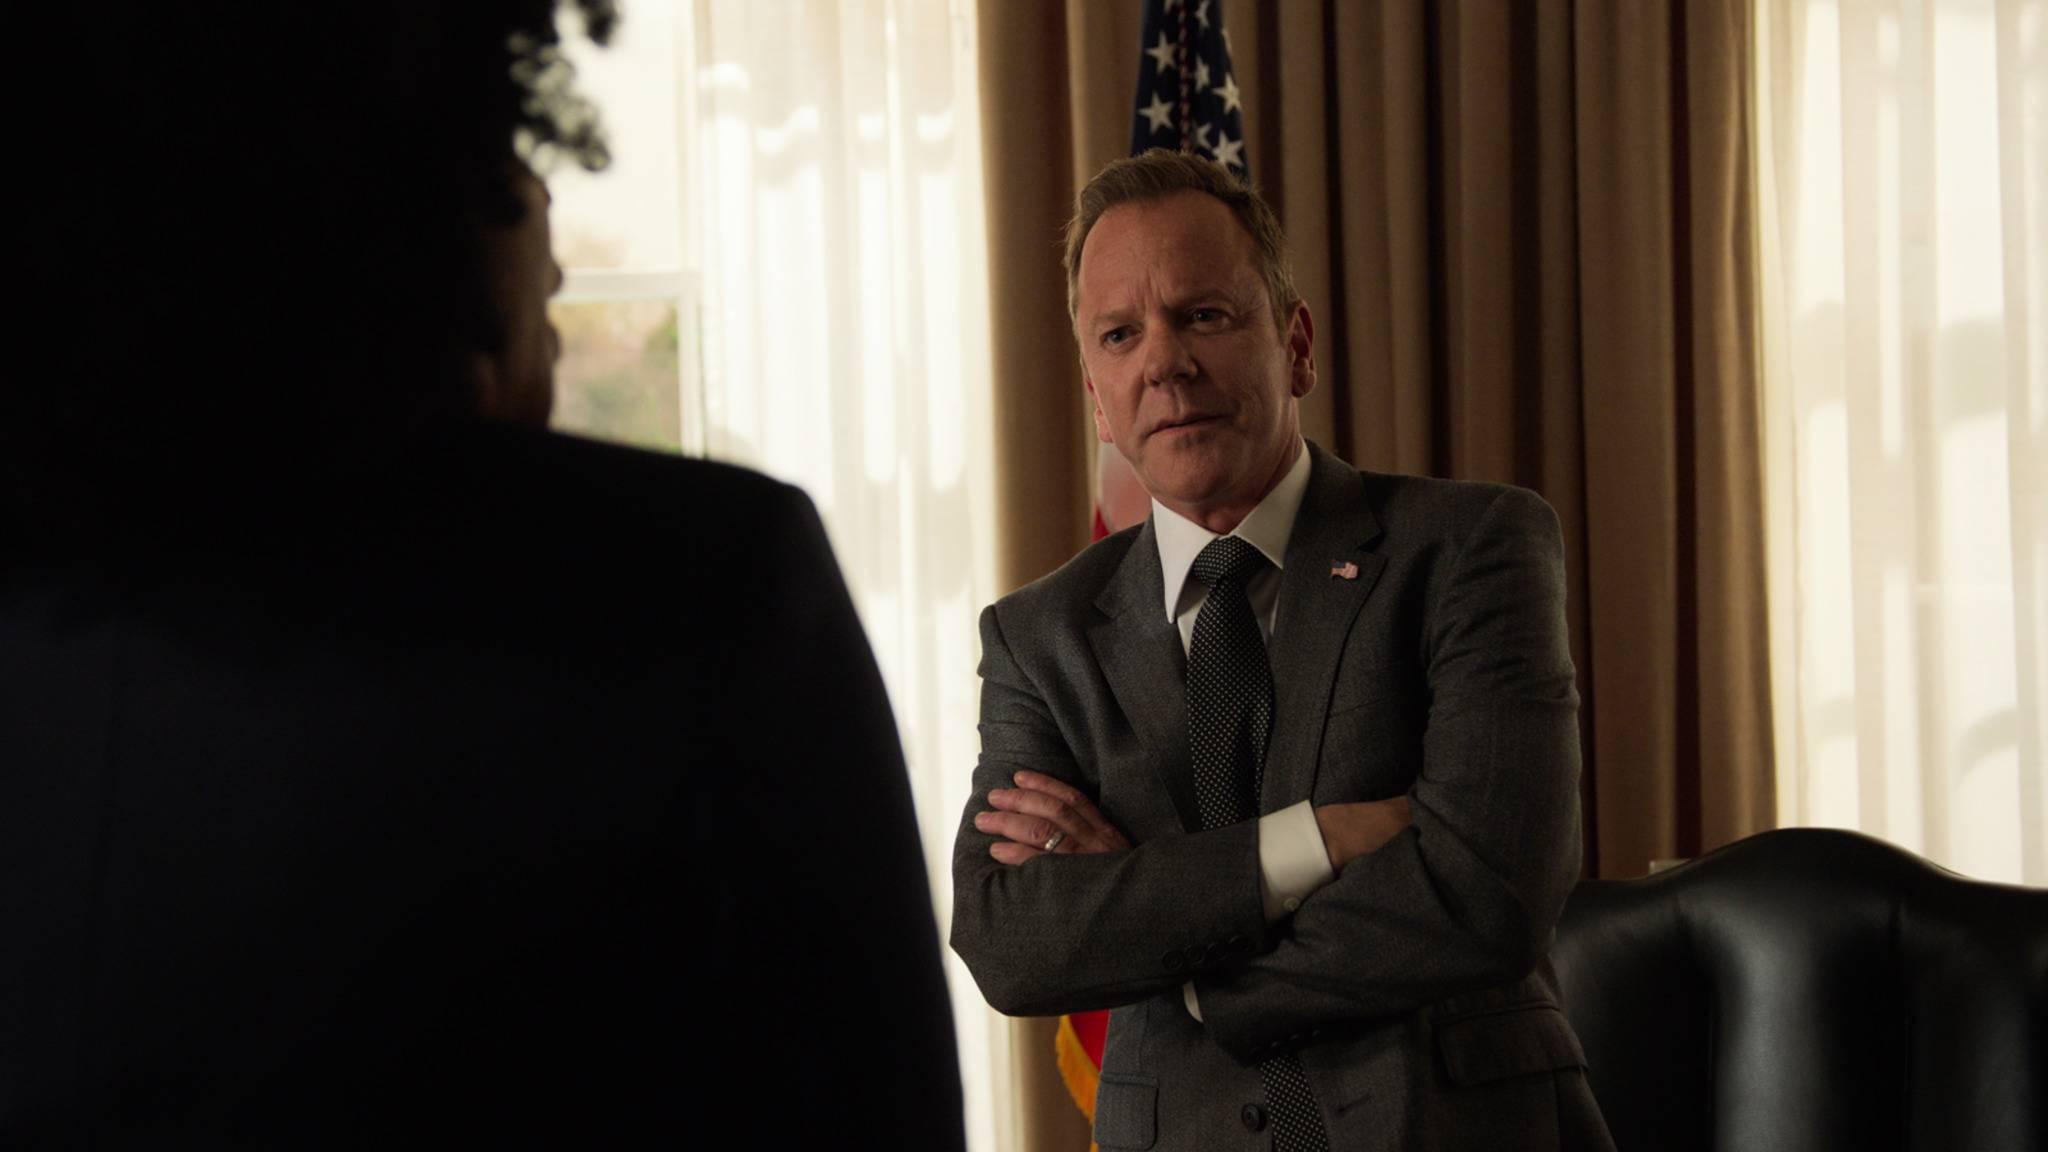 Für President Kirkman (Kiefer Sutherland) neigt sich die Amtszeit ihrem Ende zu.